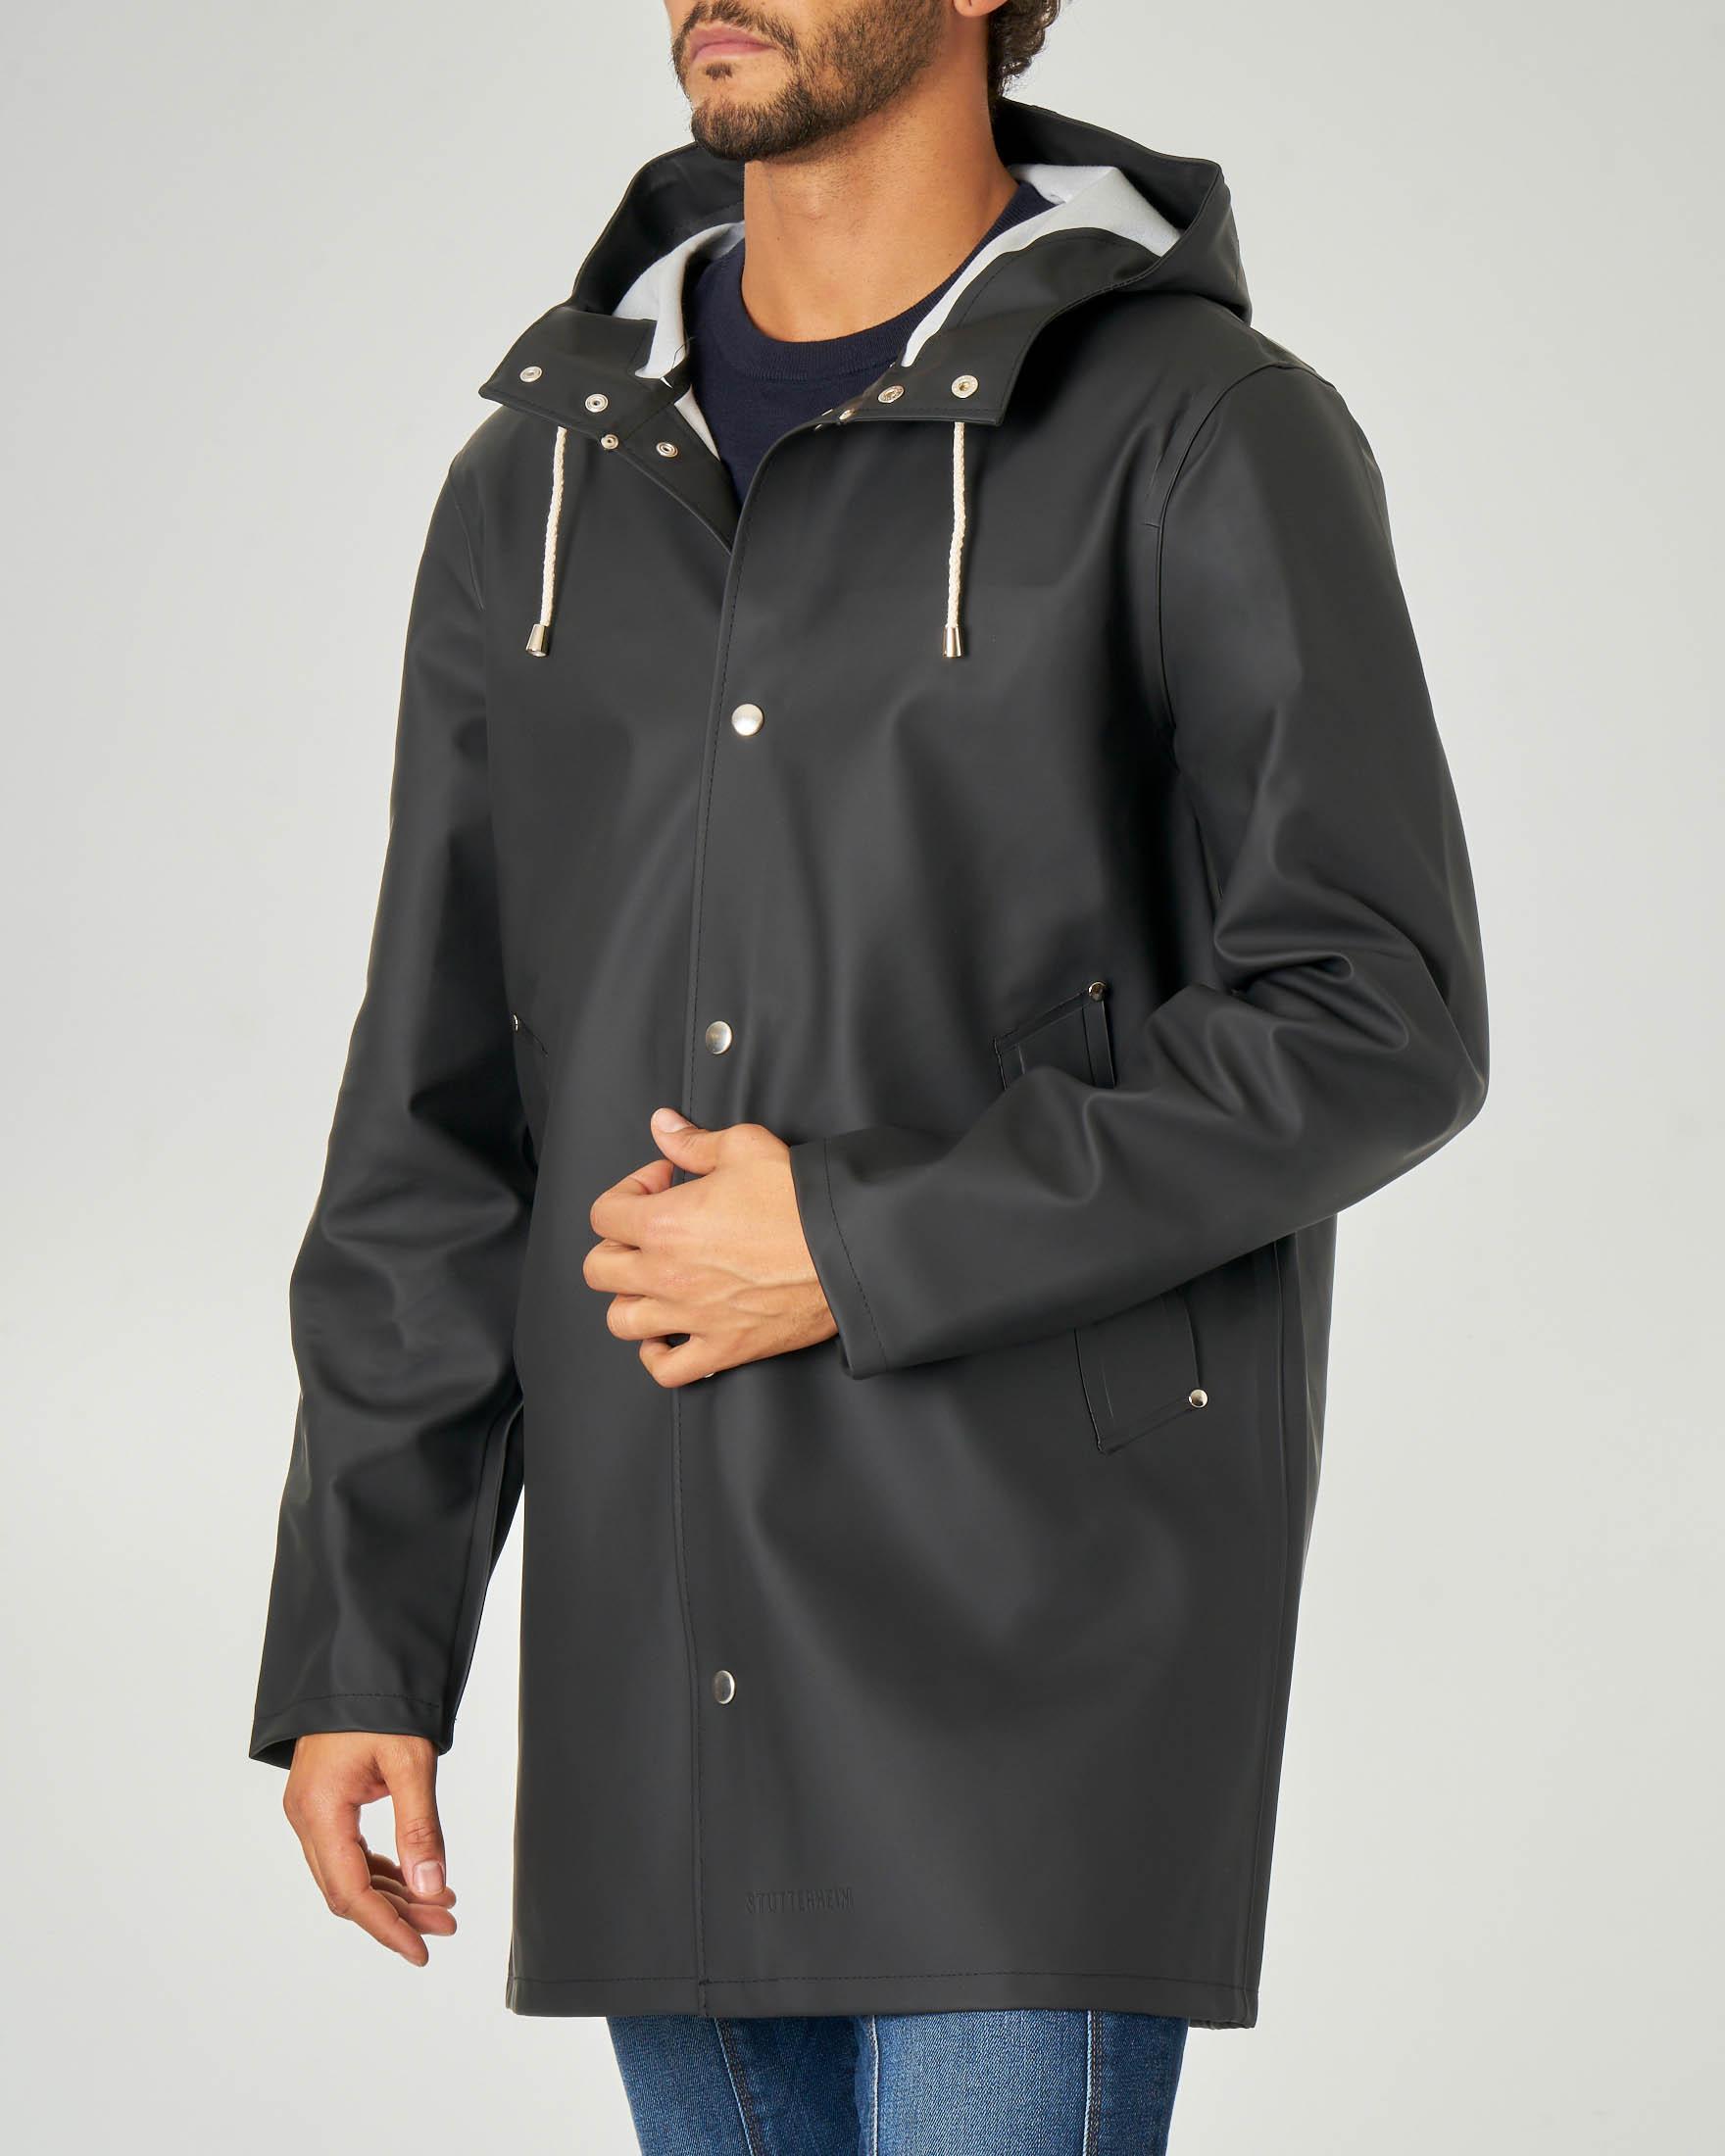 Impermeabile nero in tessuto gommato con cappuccio